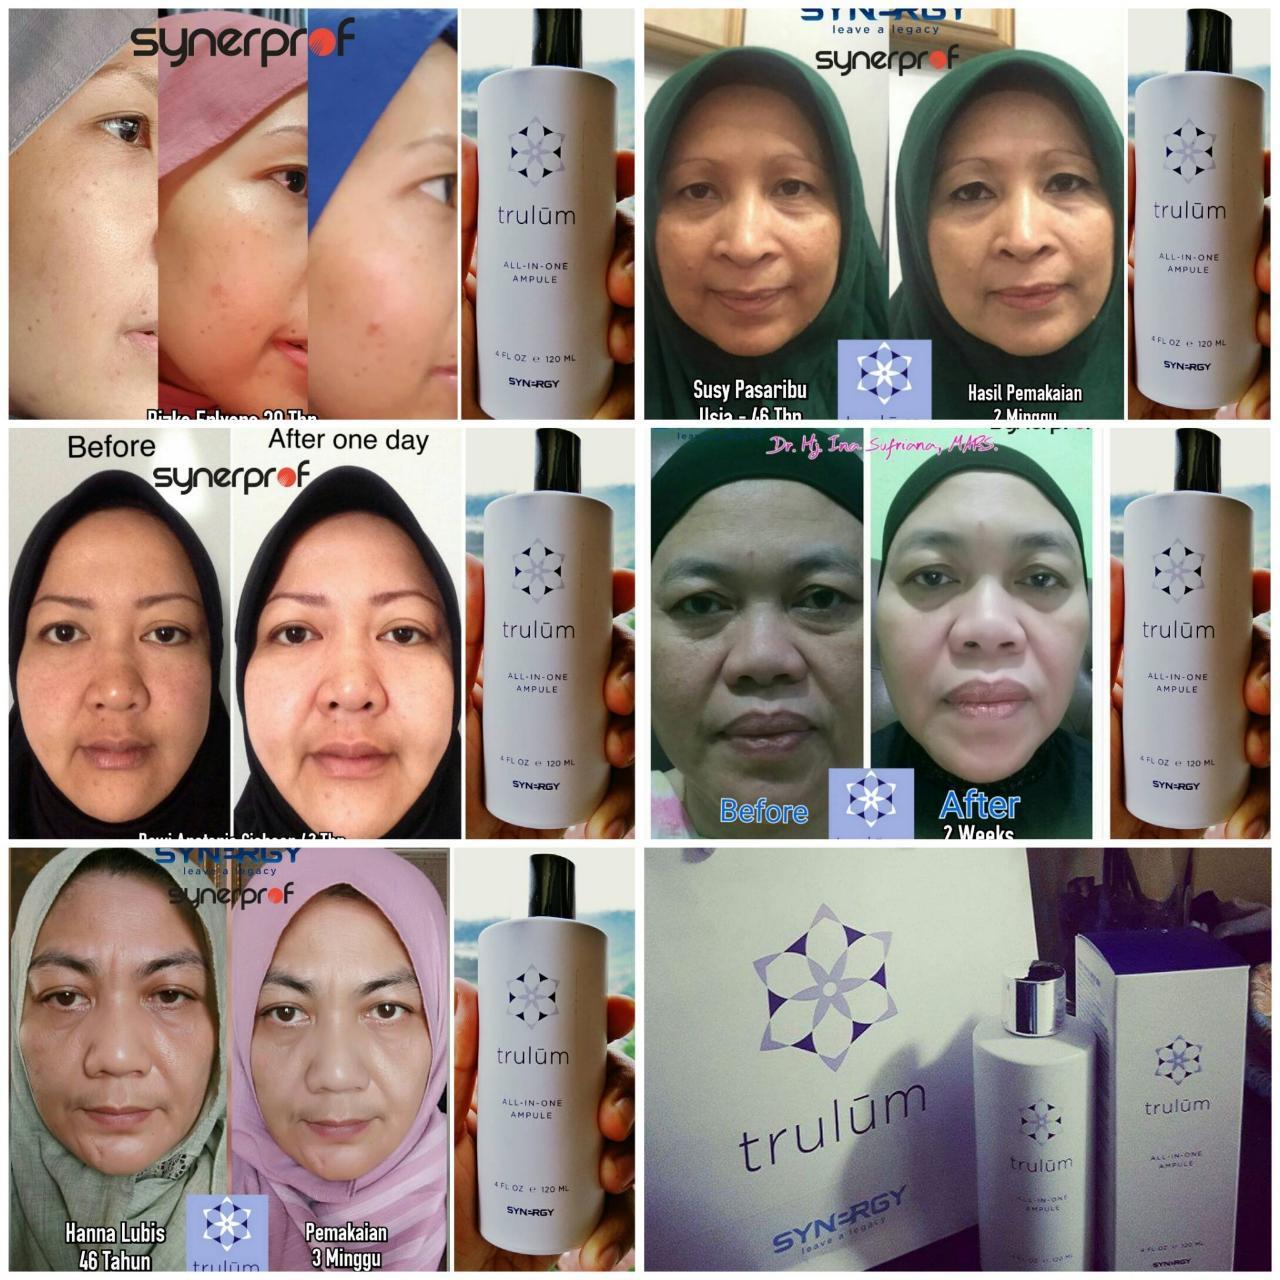 Cantik Tanpa Harus Ke Tempat Perawatan Wajah di Gayam Sari Kota Semarang